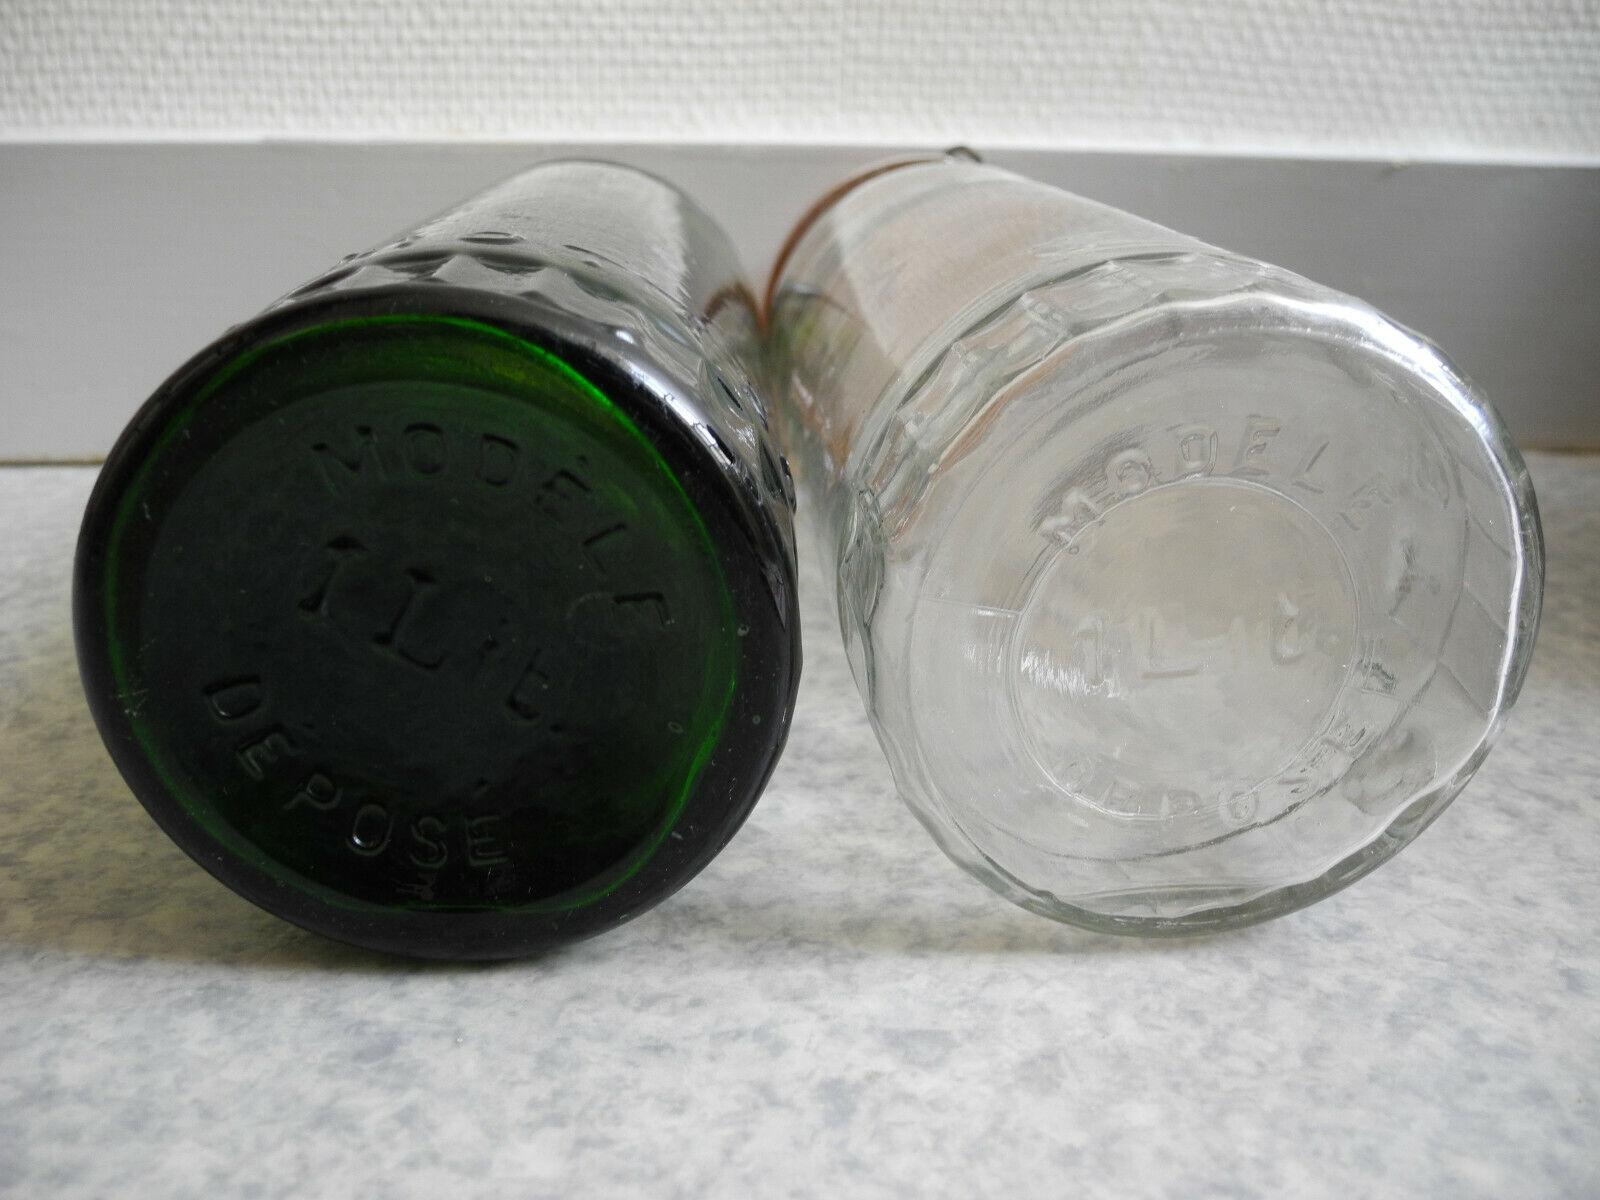 Anciens bocaux fruits verre mottet conserves pots rangement déco old jar rétro